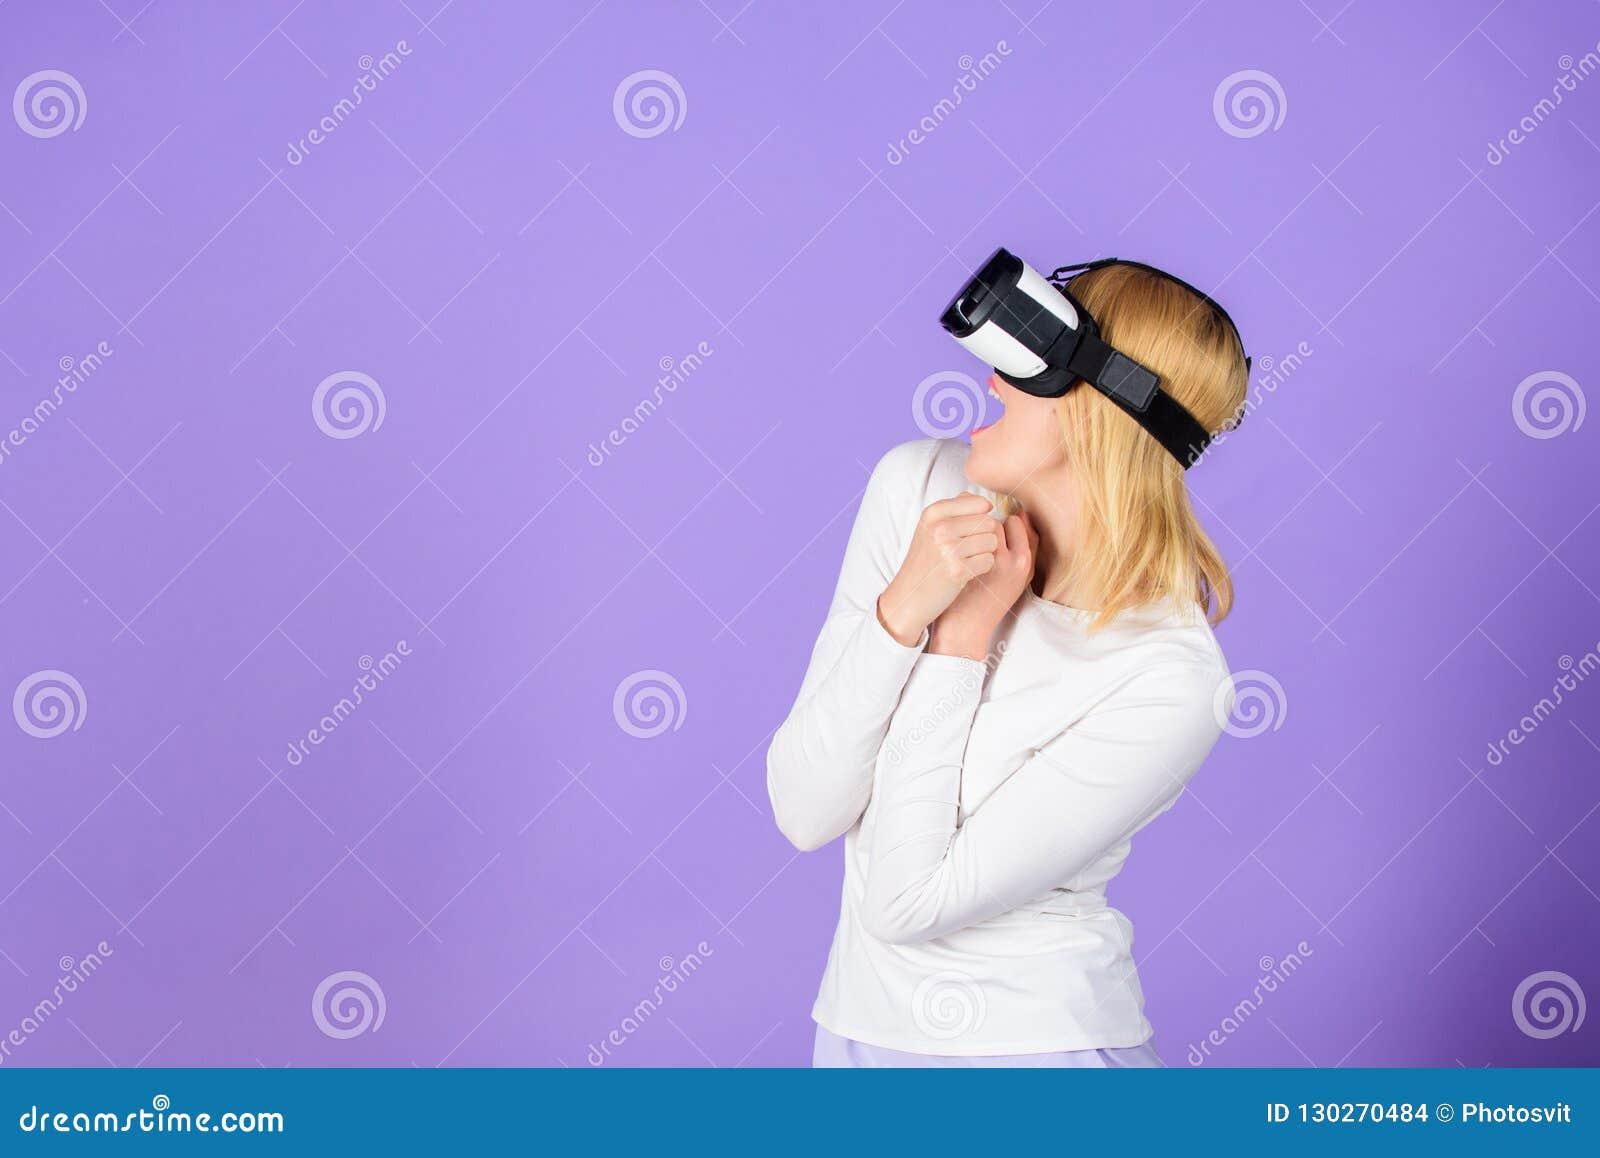 Технологии виртуальной реальности и будущего Шлемофон vr технологии пользы девушки современный Исследуйте виртуальную реальность